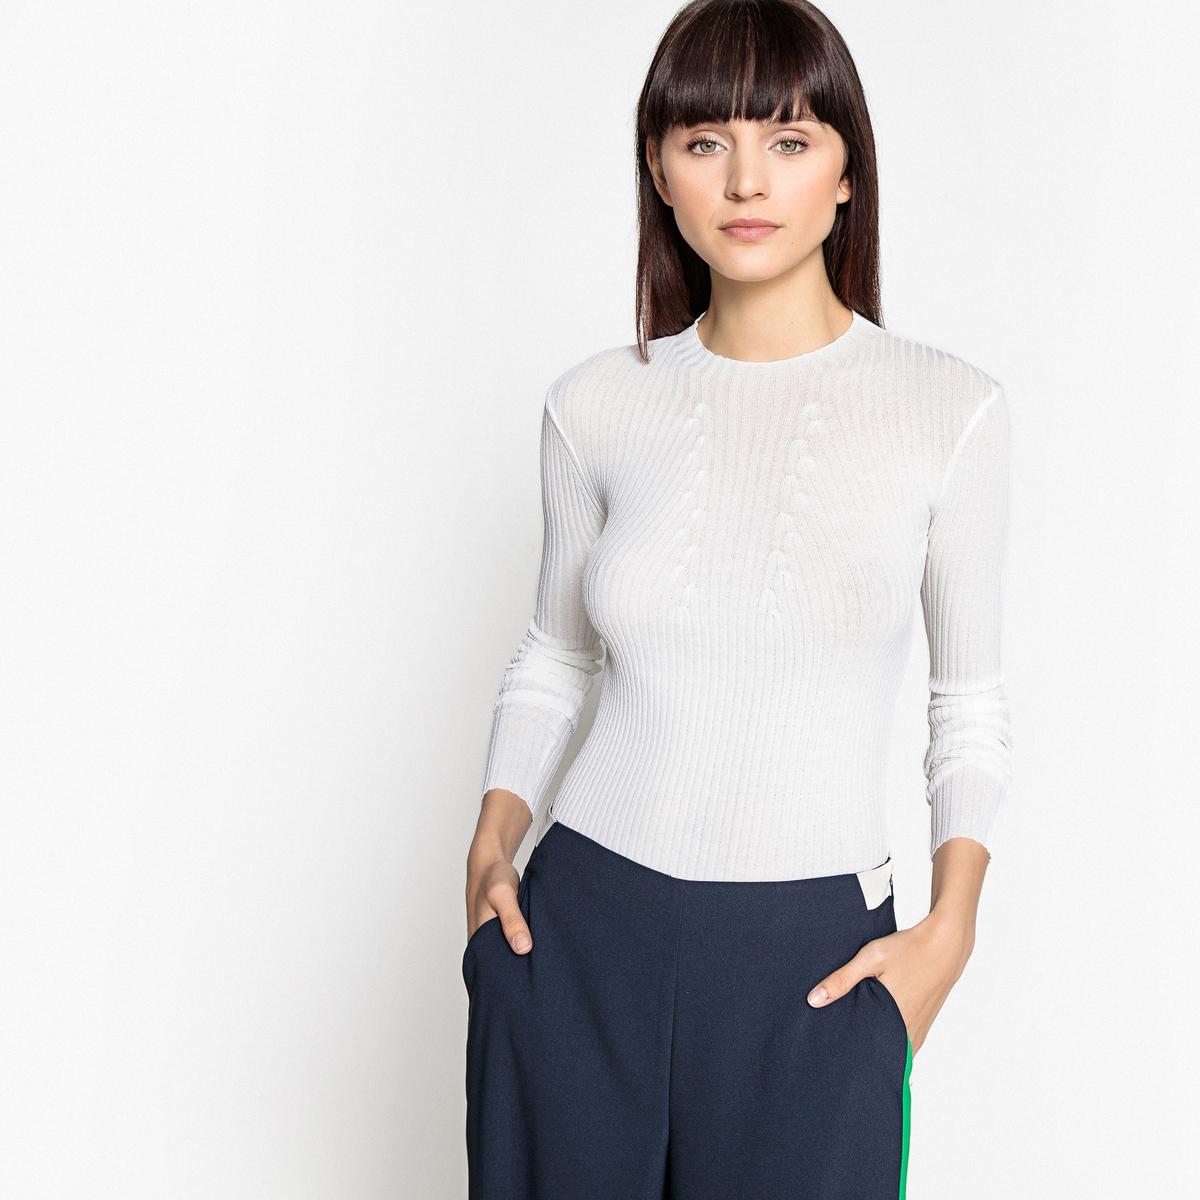 Пуловер с круглым вырезом из тонкого трикотажа в рубчик